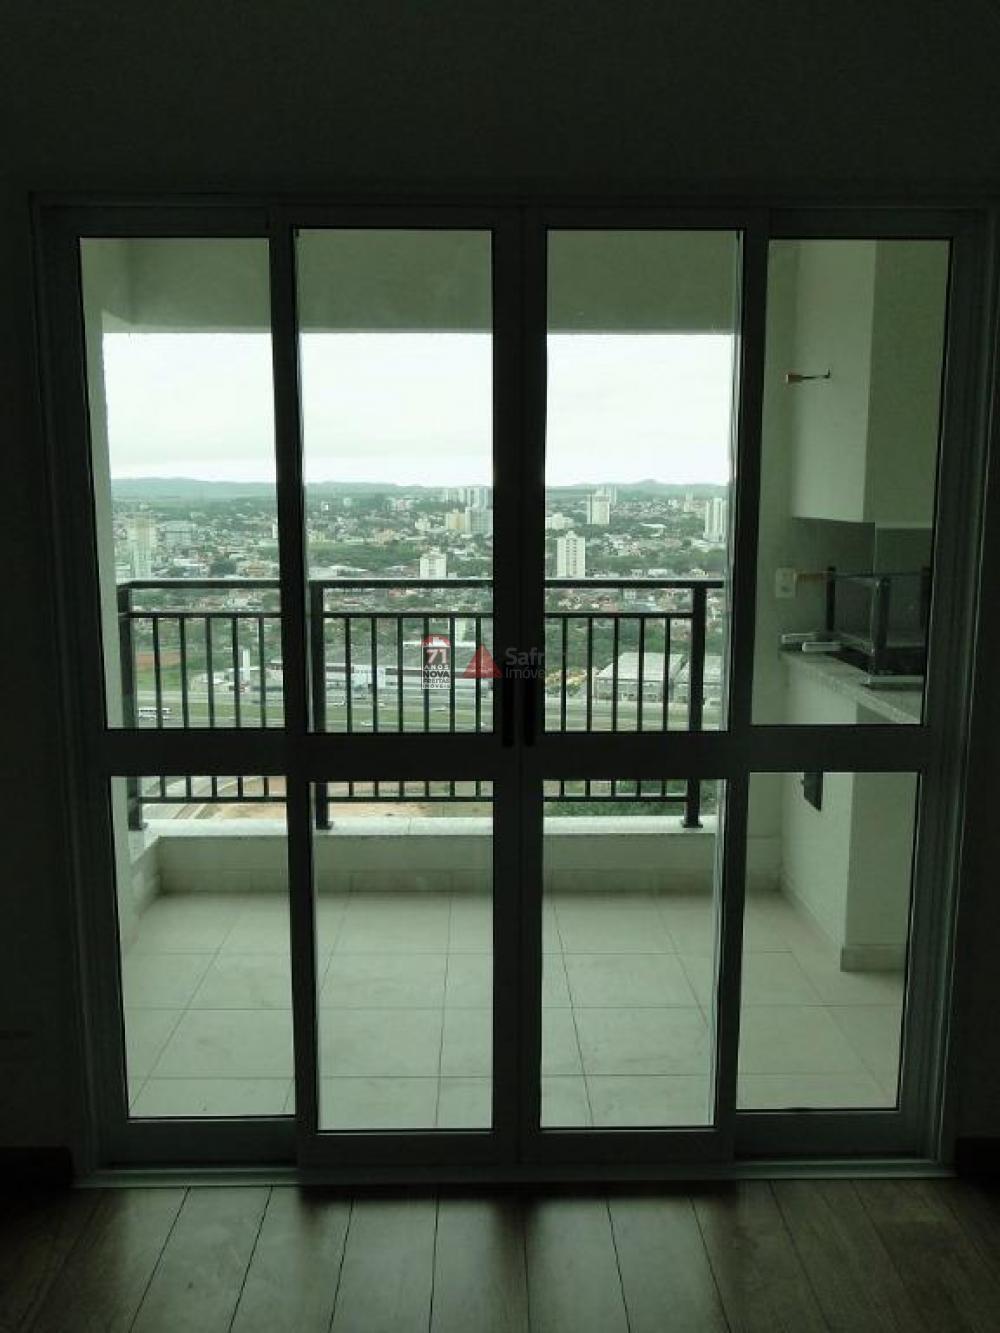 Comprar Apartamento / Padrão em São José dos Campos apenas R$ 600.000,00 - Foto 4